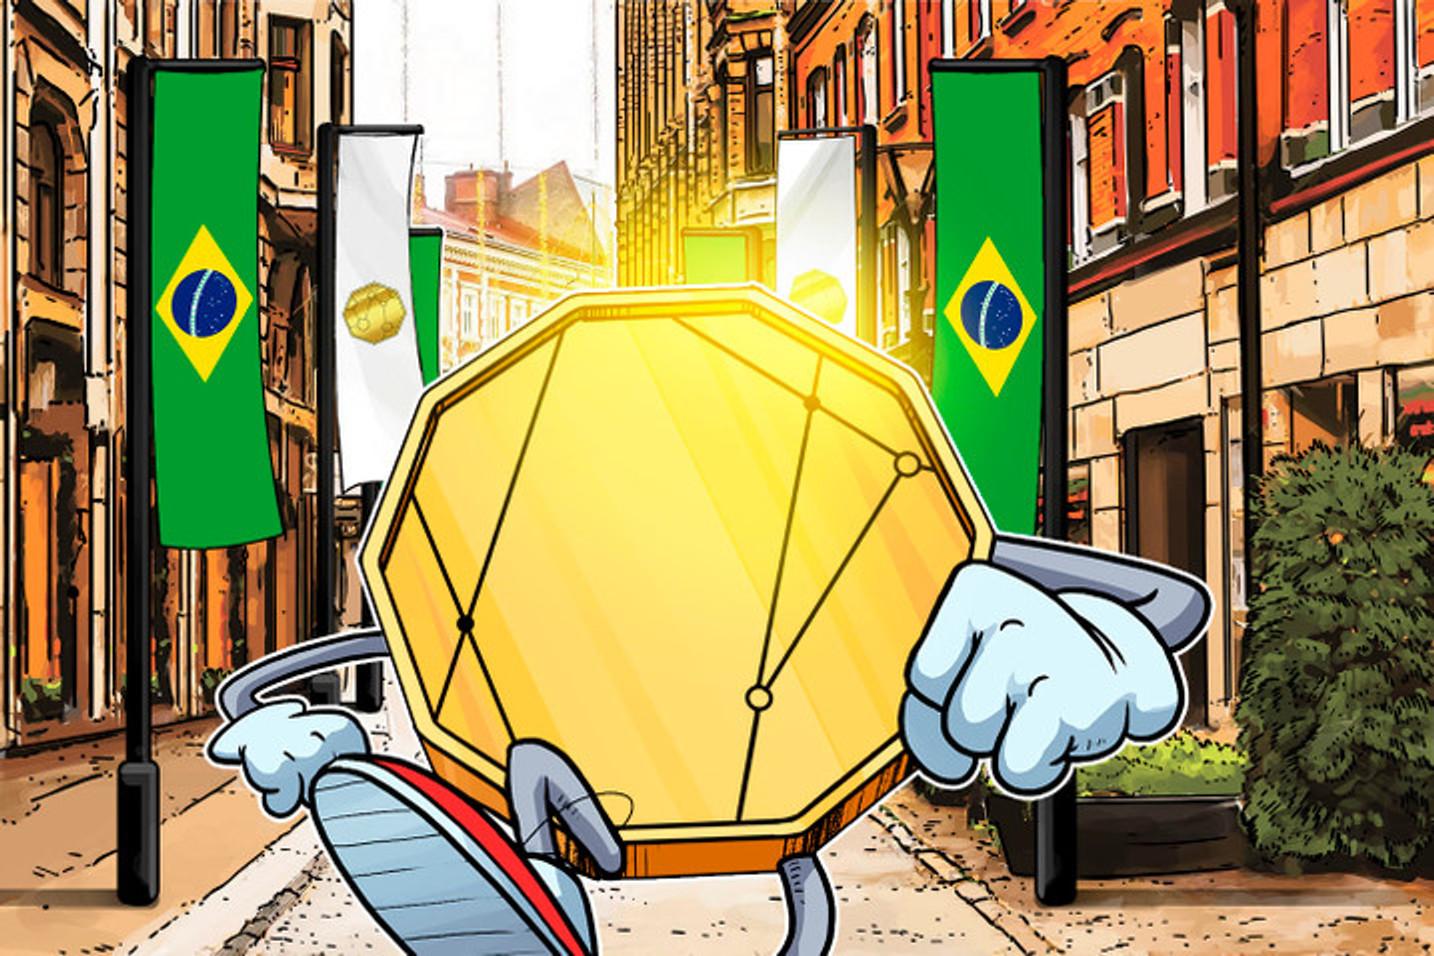 Dinheiro físico ainda domina no Brasil, mas pagamentos digitais já são adotados por cerca de 40% dos brasileiros